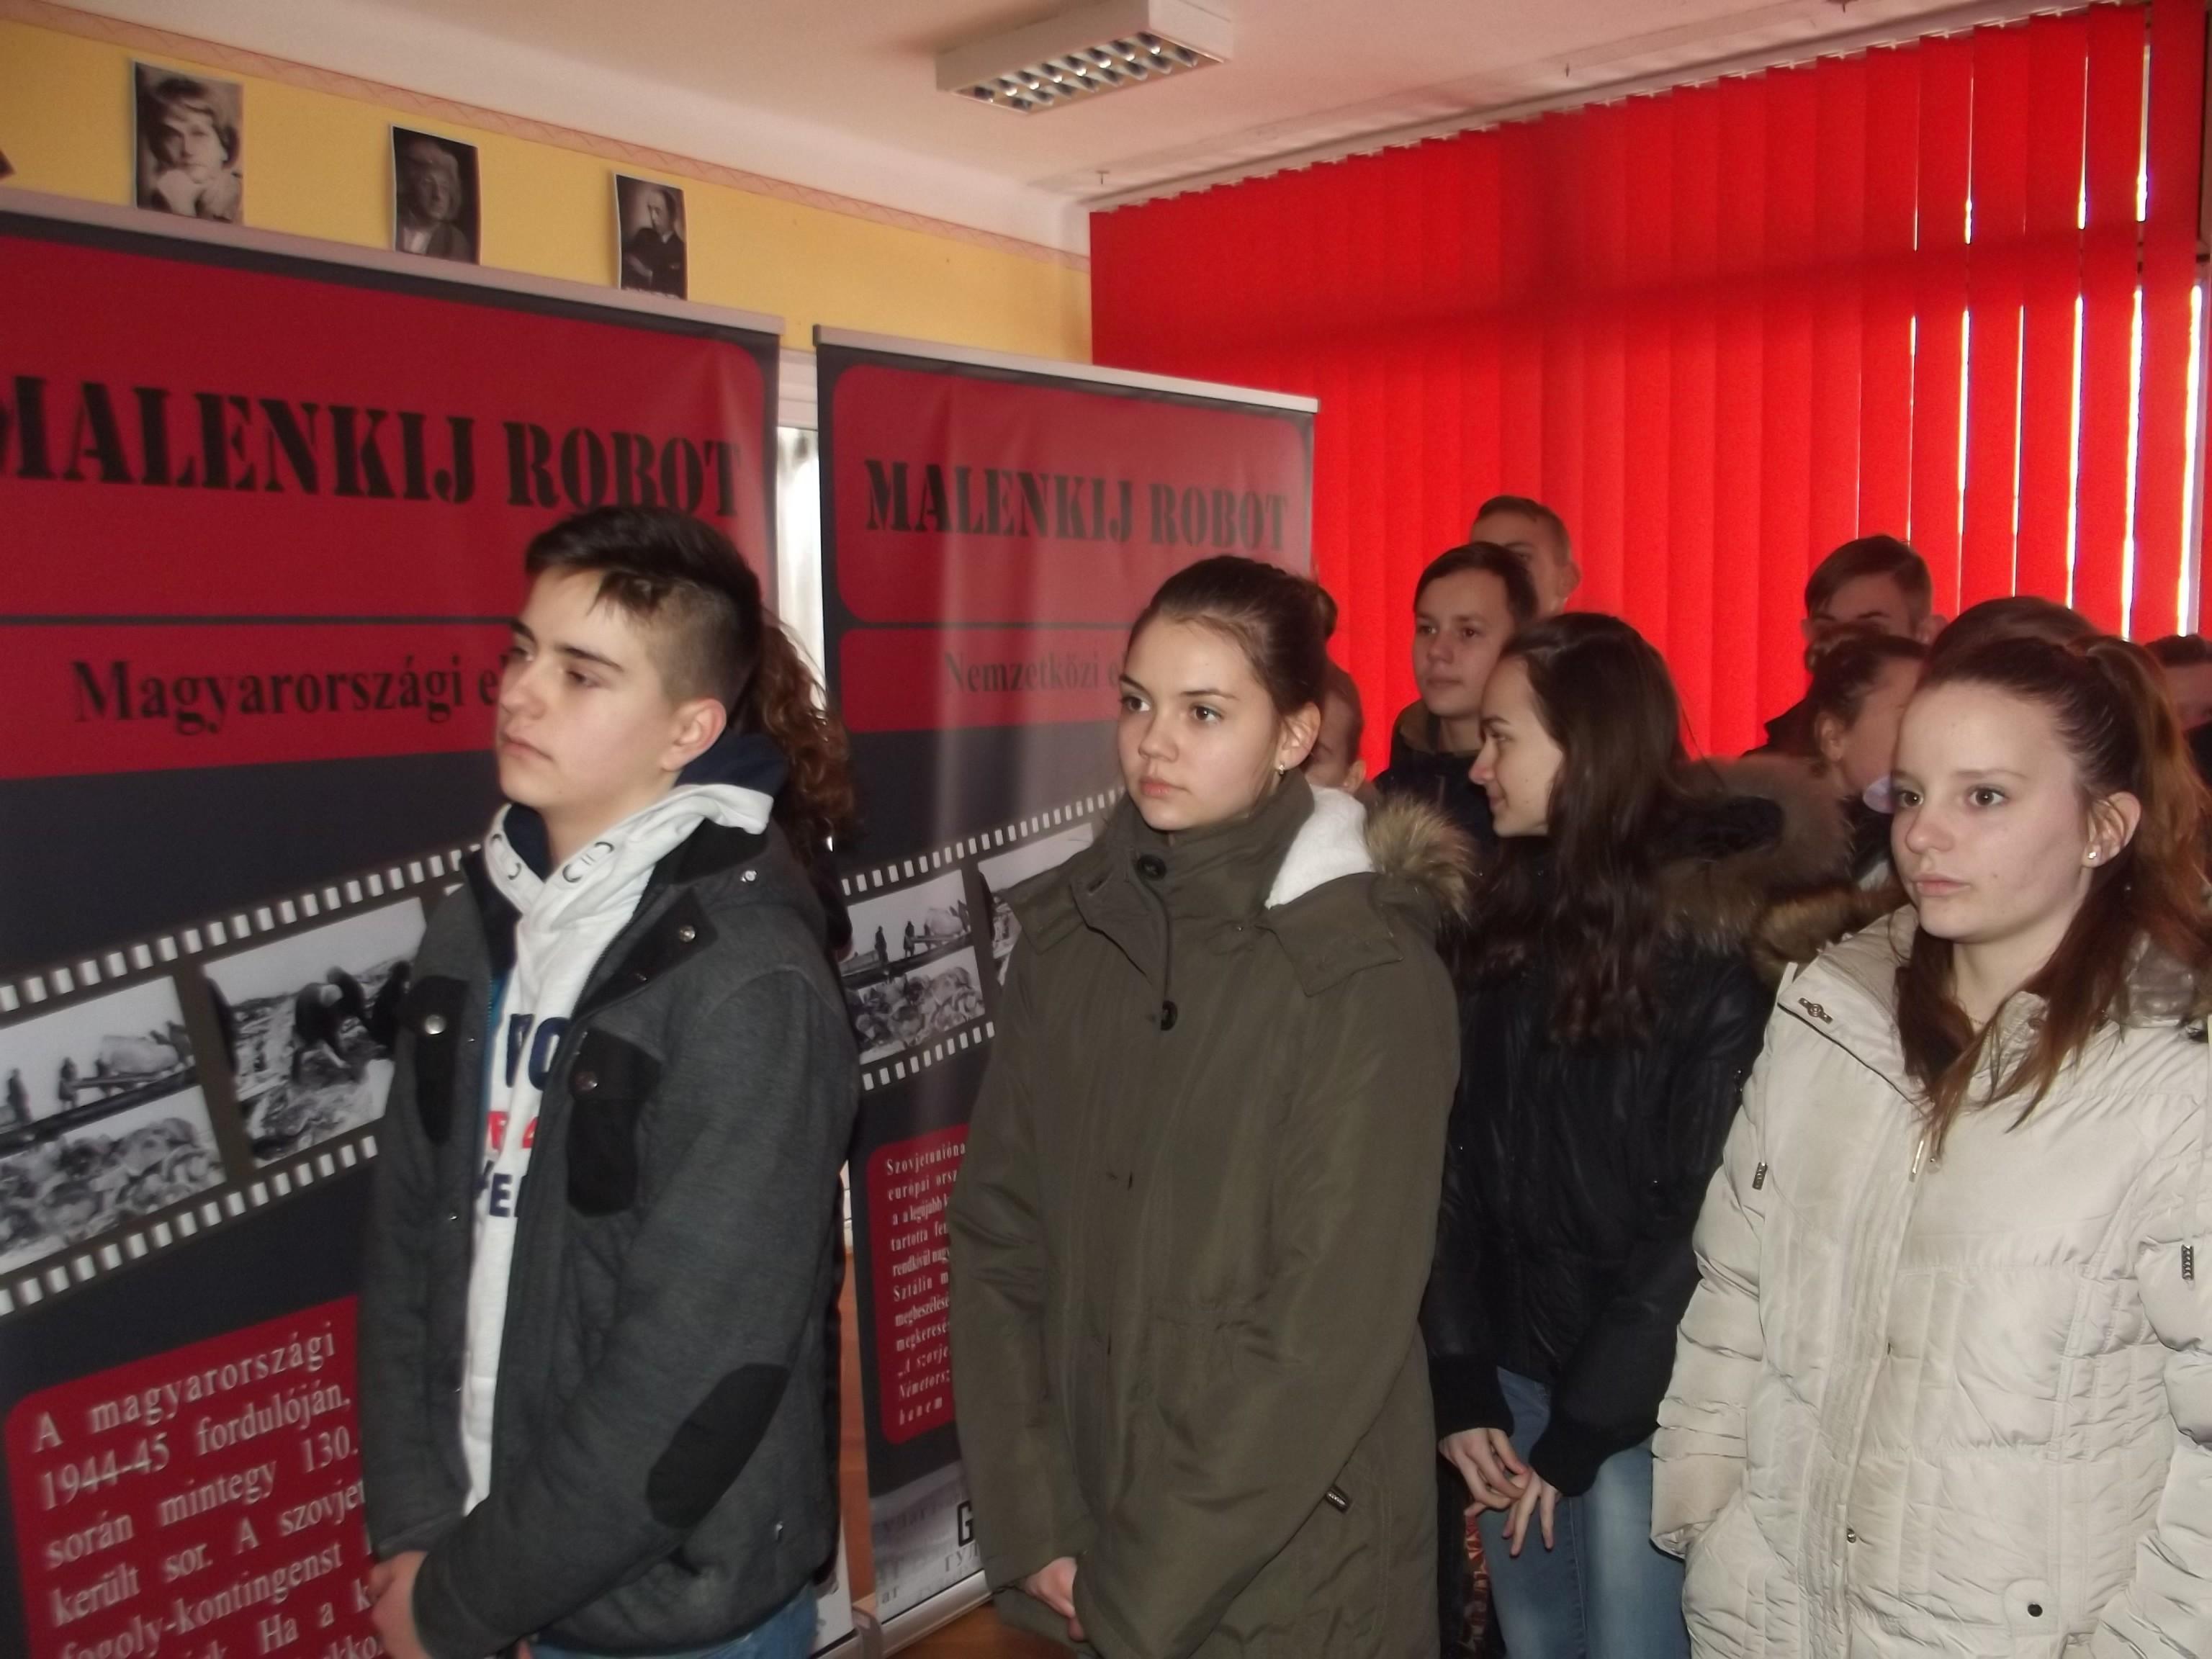 Kunfehértón is nagy érdeklődéssel fogadták a Malenkij robot vándorkiállítást